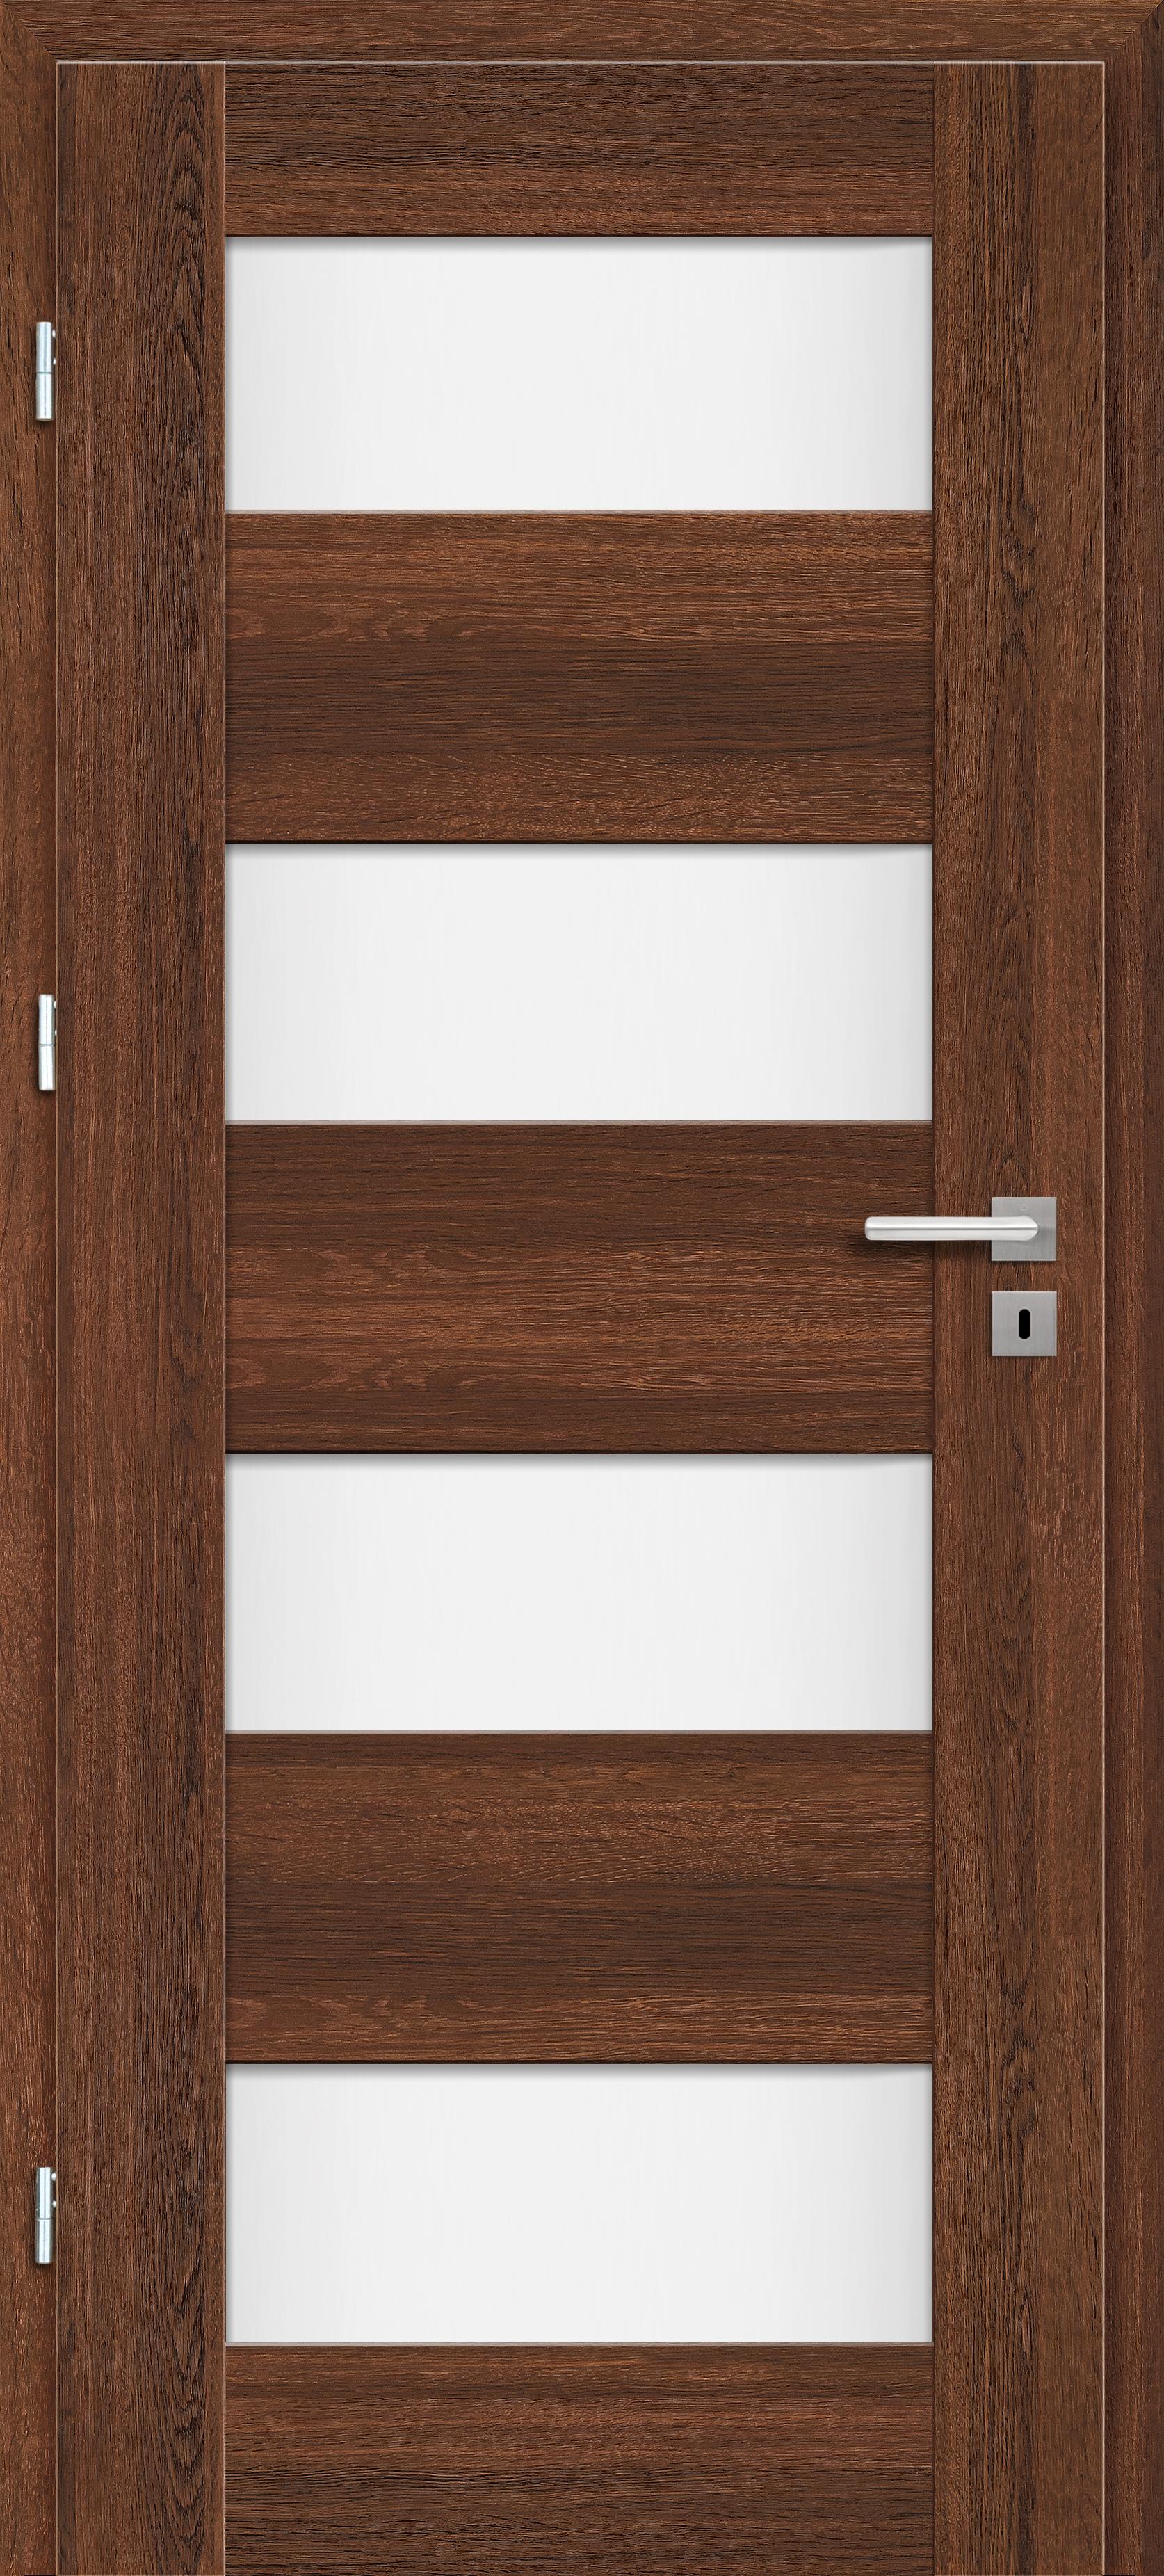 Interiérové dveře Erkado Debecie ve fólii - s obkladem kovové zárubně